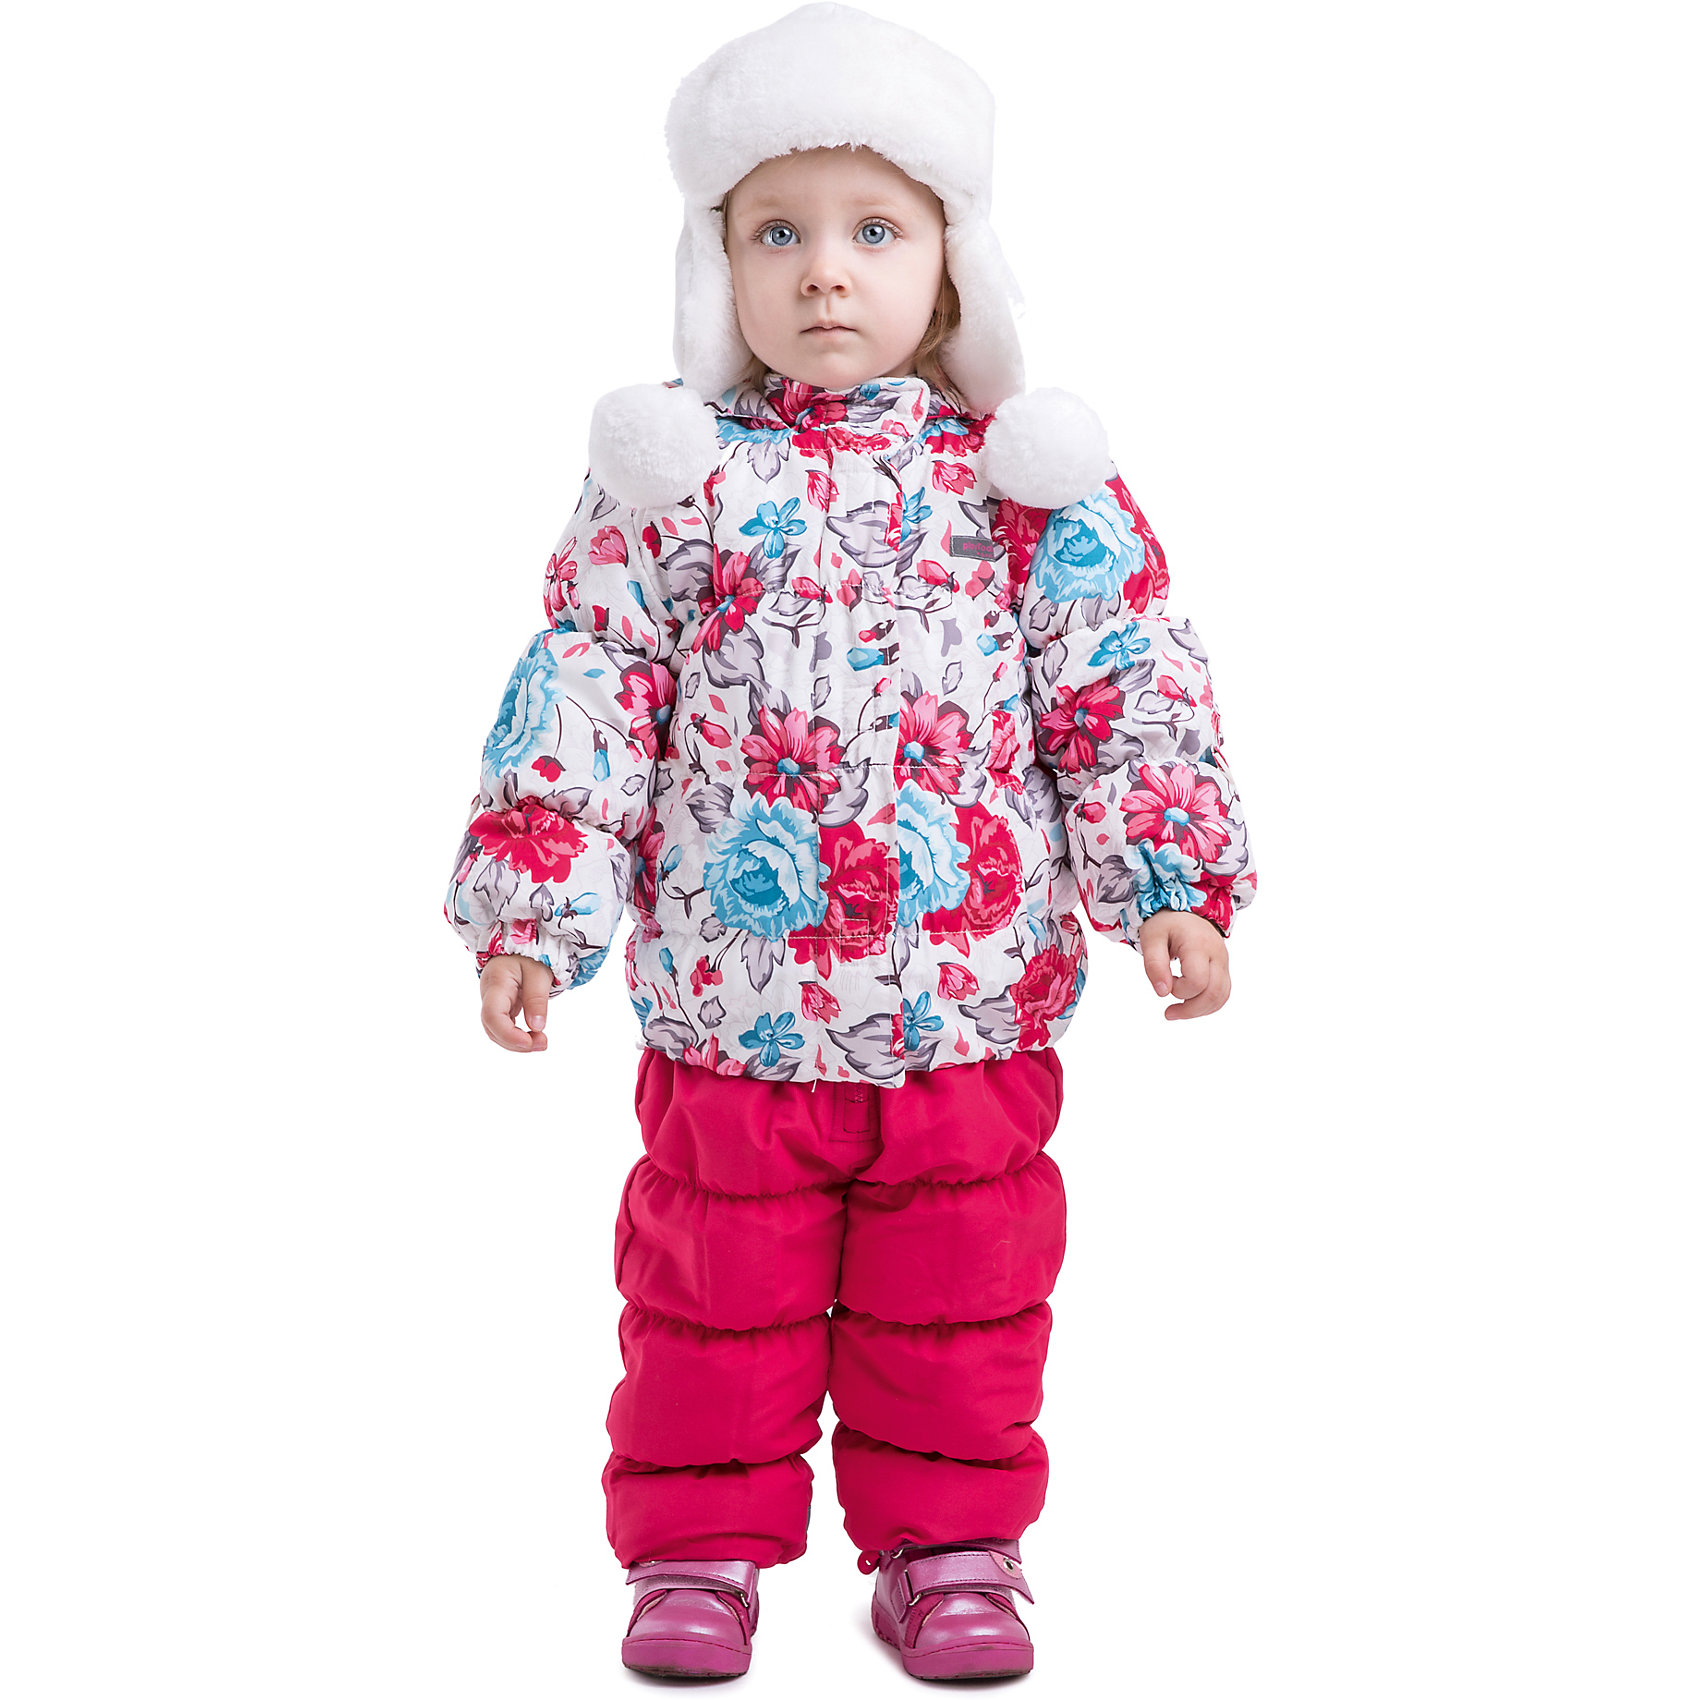 Комплект: куртка и полукомбинезон для девочки PlayTodayКомплекты<br>Комплект: куртка и полукомбинезон для девочки PlayToday Комплект из куртки и полукомбинезона на холодную погоду из непромокаемой ткани. Дополнительно утеплен велюровой подкладкой. Капюшон отстёгивается. Карманы на липучках. Удобная молния, дополнительные застежки-липучки на куртке. Также есть дополнительная защита от ветра и снега как в спортивных куртках. Низ утягивается стопперами. Дополнительная трикотажная резинка на рукавах. Есть светоотражатели и специальные нашивки, чтобы можно было подписать владельца. Состав: Верх: 100% полиэстер, подкладка: 80% хлопок, 20% полиэстер, Утеплитель 100% полиэстер<br><br>Ширина мм: 190<br>Глубина мм: 74<br>Высота мм: 229<br>Вес г: 236<br>Цвет: розовый<br>Возраст от месяцев: 6<br>Возраст до месяцев: 9<br>Пол: Женский<br>Возраст: Детский<br>Размер: 74,86,80,92<br>SKU: 4229330